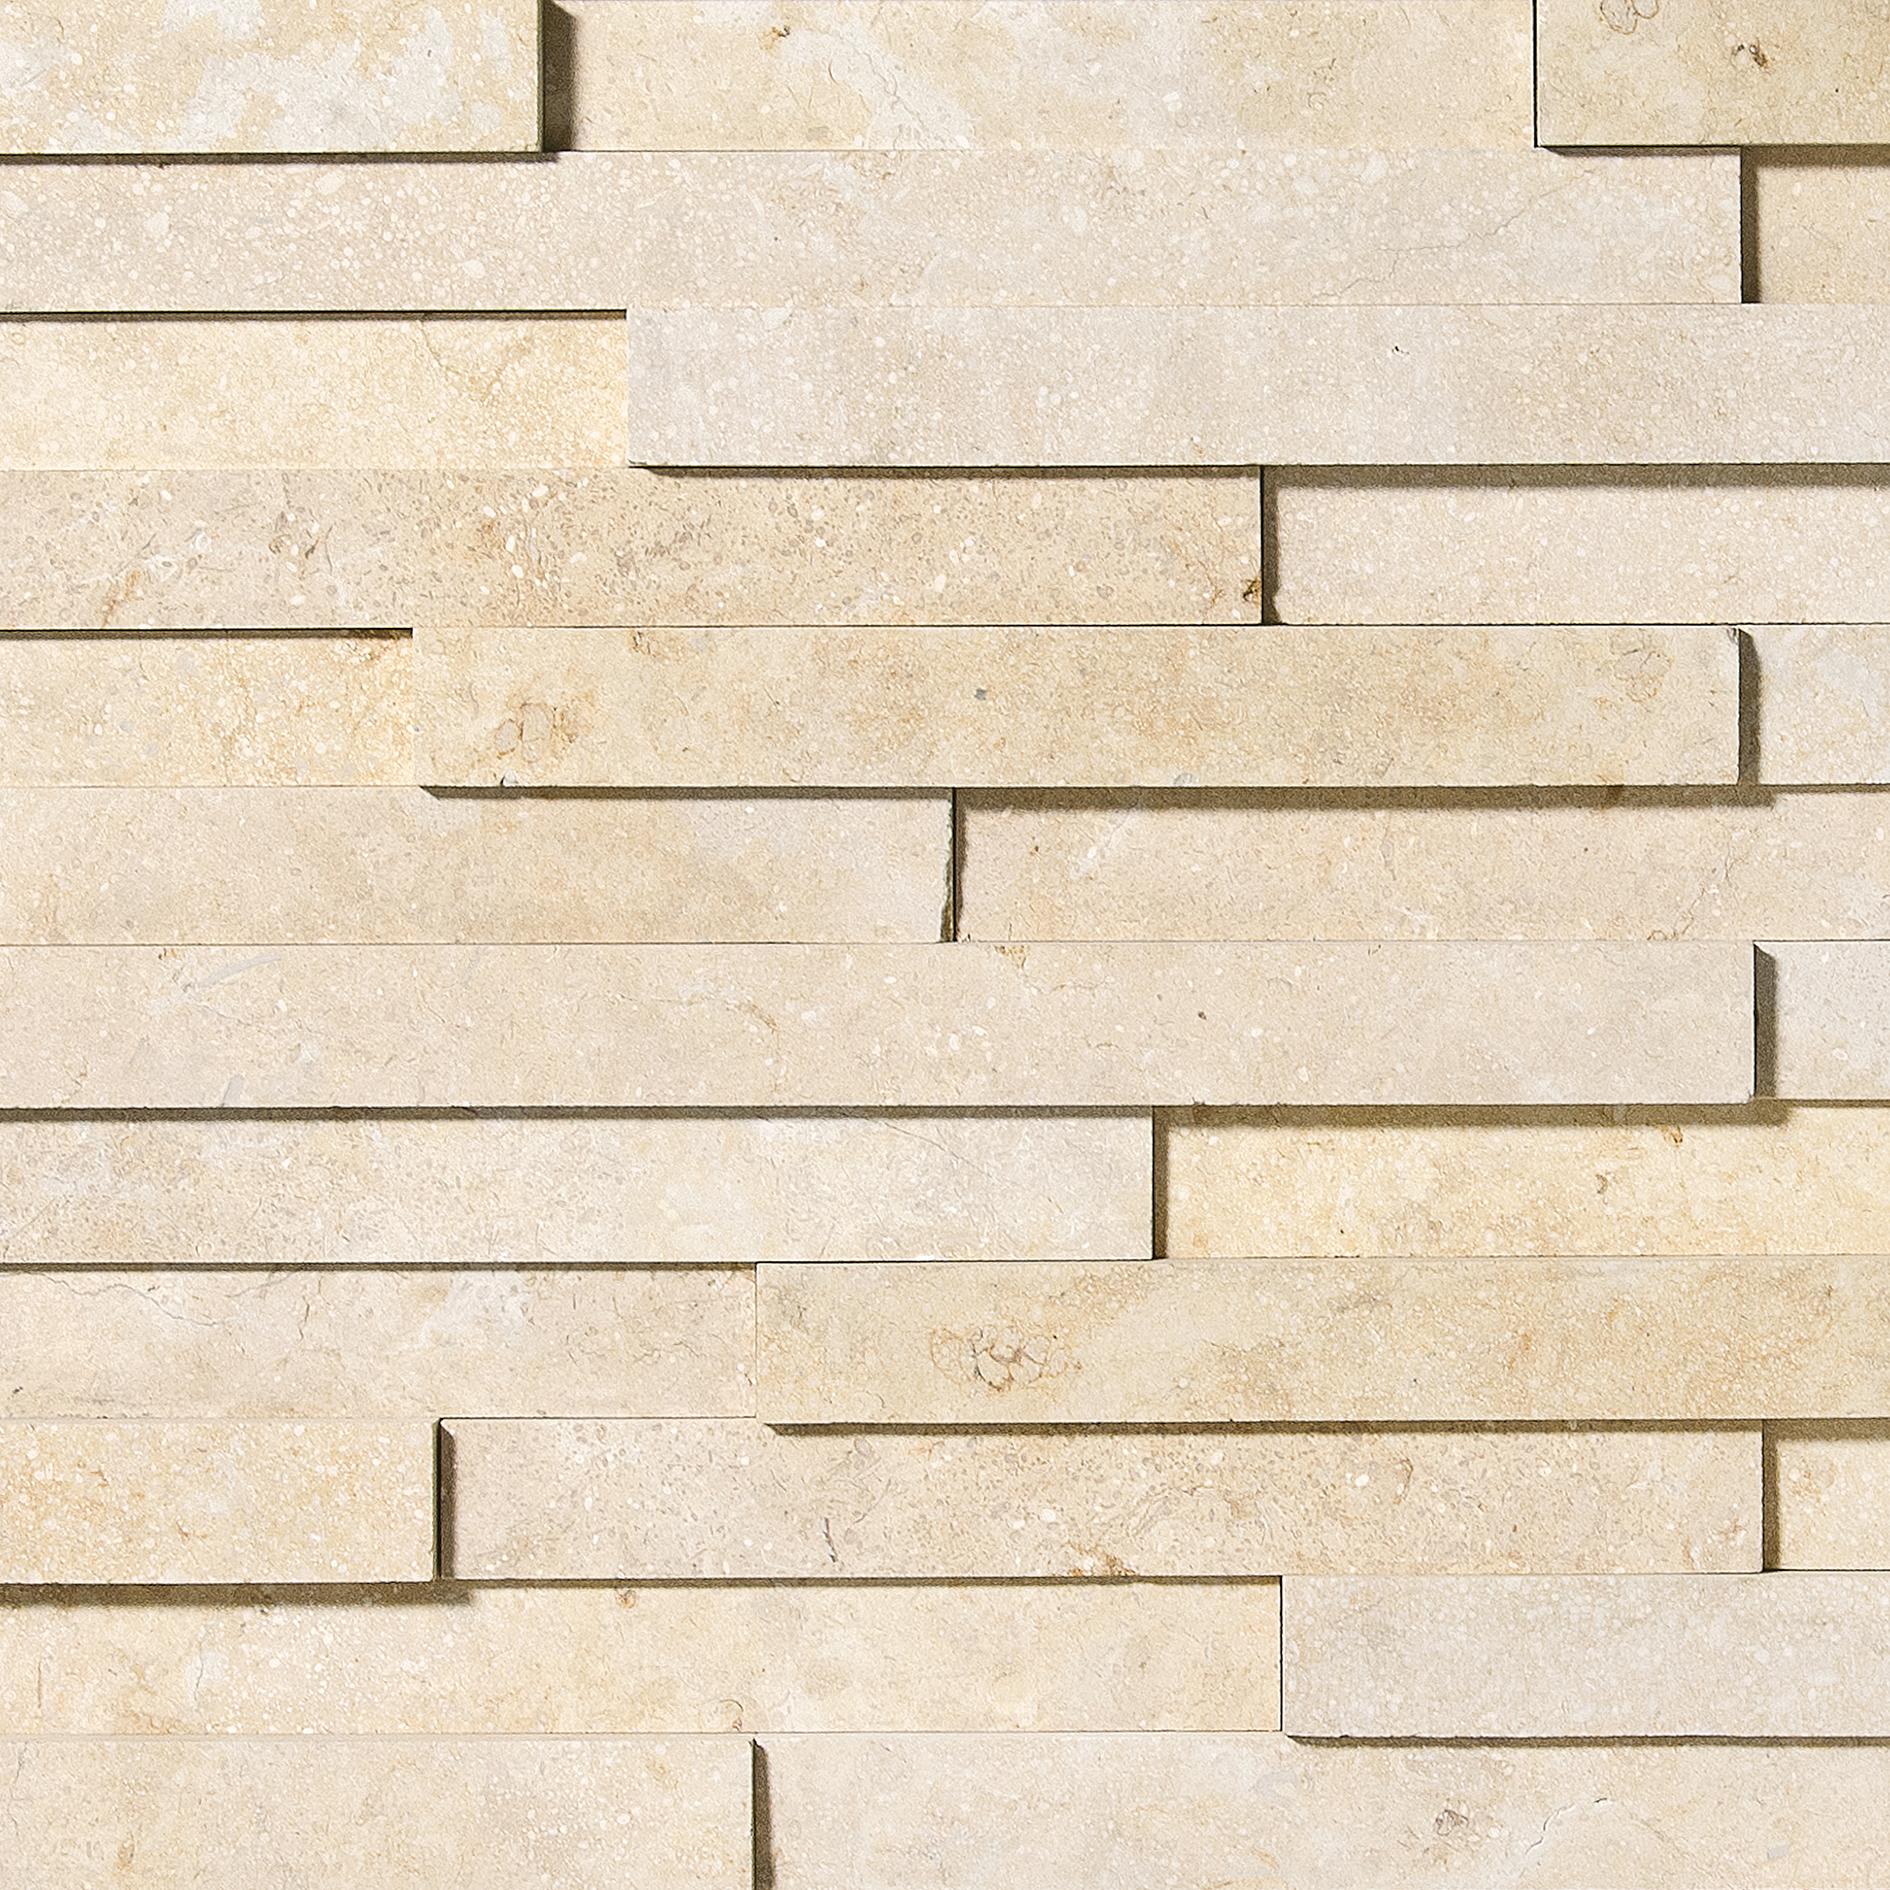 seashell honed limestone (wall tile) TL16137 seashell honed elevation pattern